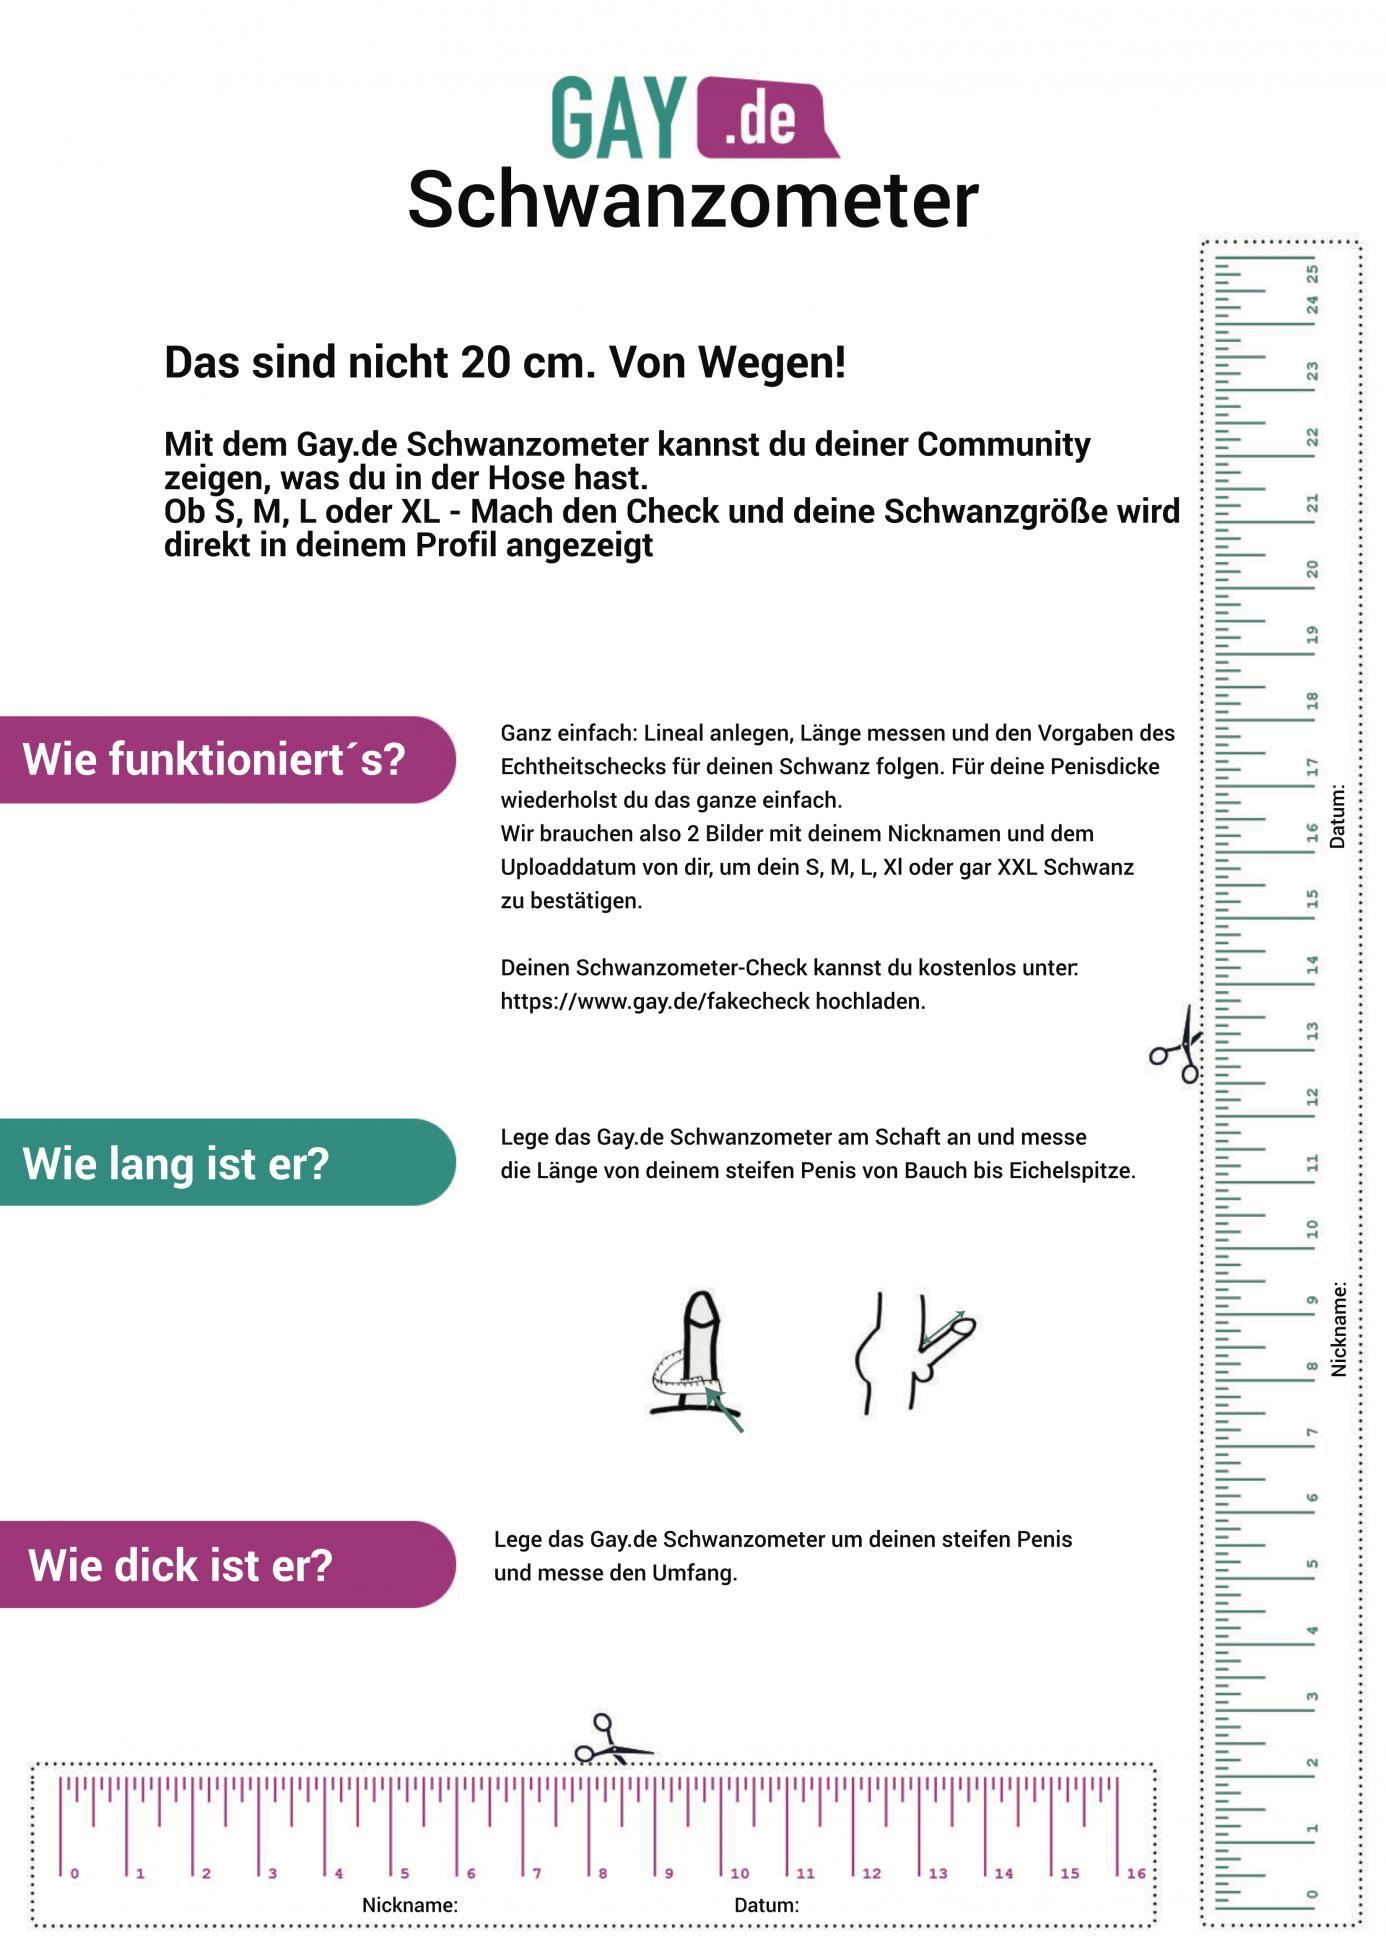 Gay.de Schwanzometer